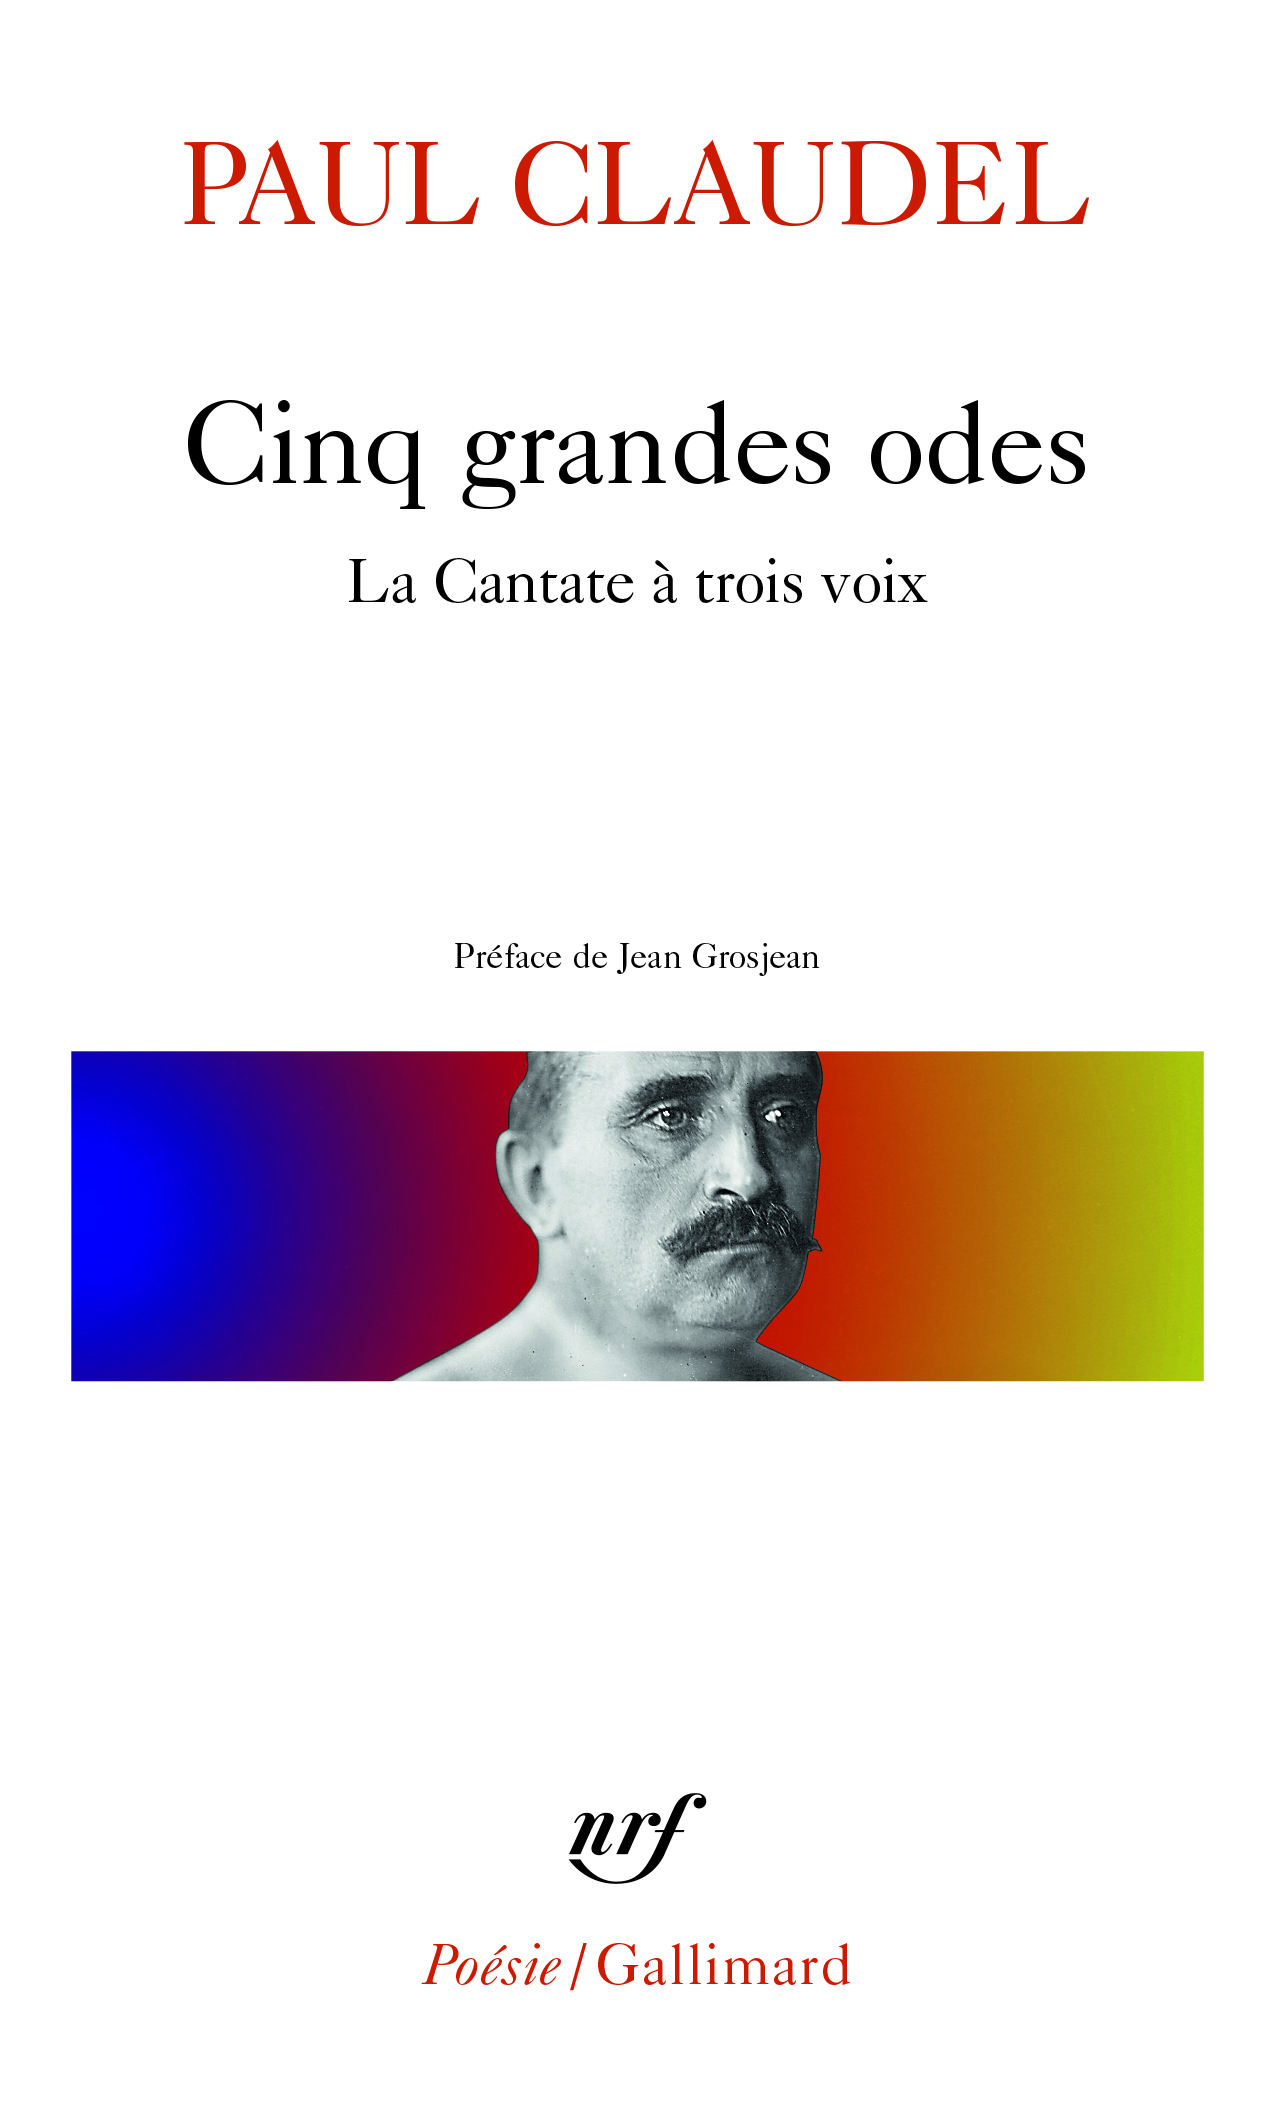 CINQ GRANDES ODES / PROCESSIONNAL POUR SALUER LE SIECLE NOUVEAU /LA CANTATE A TR